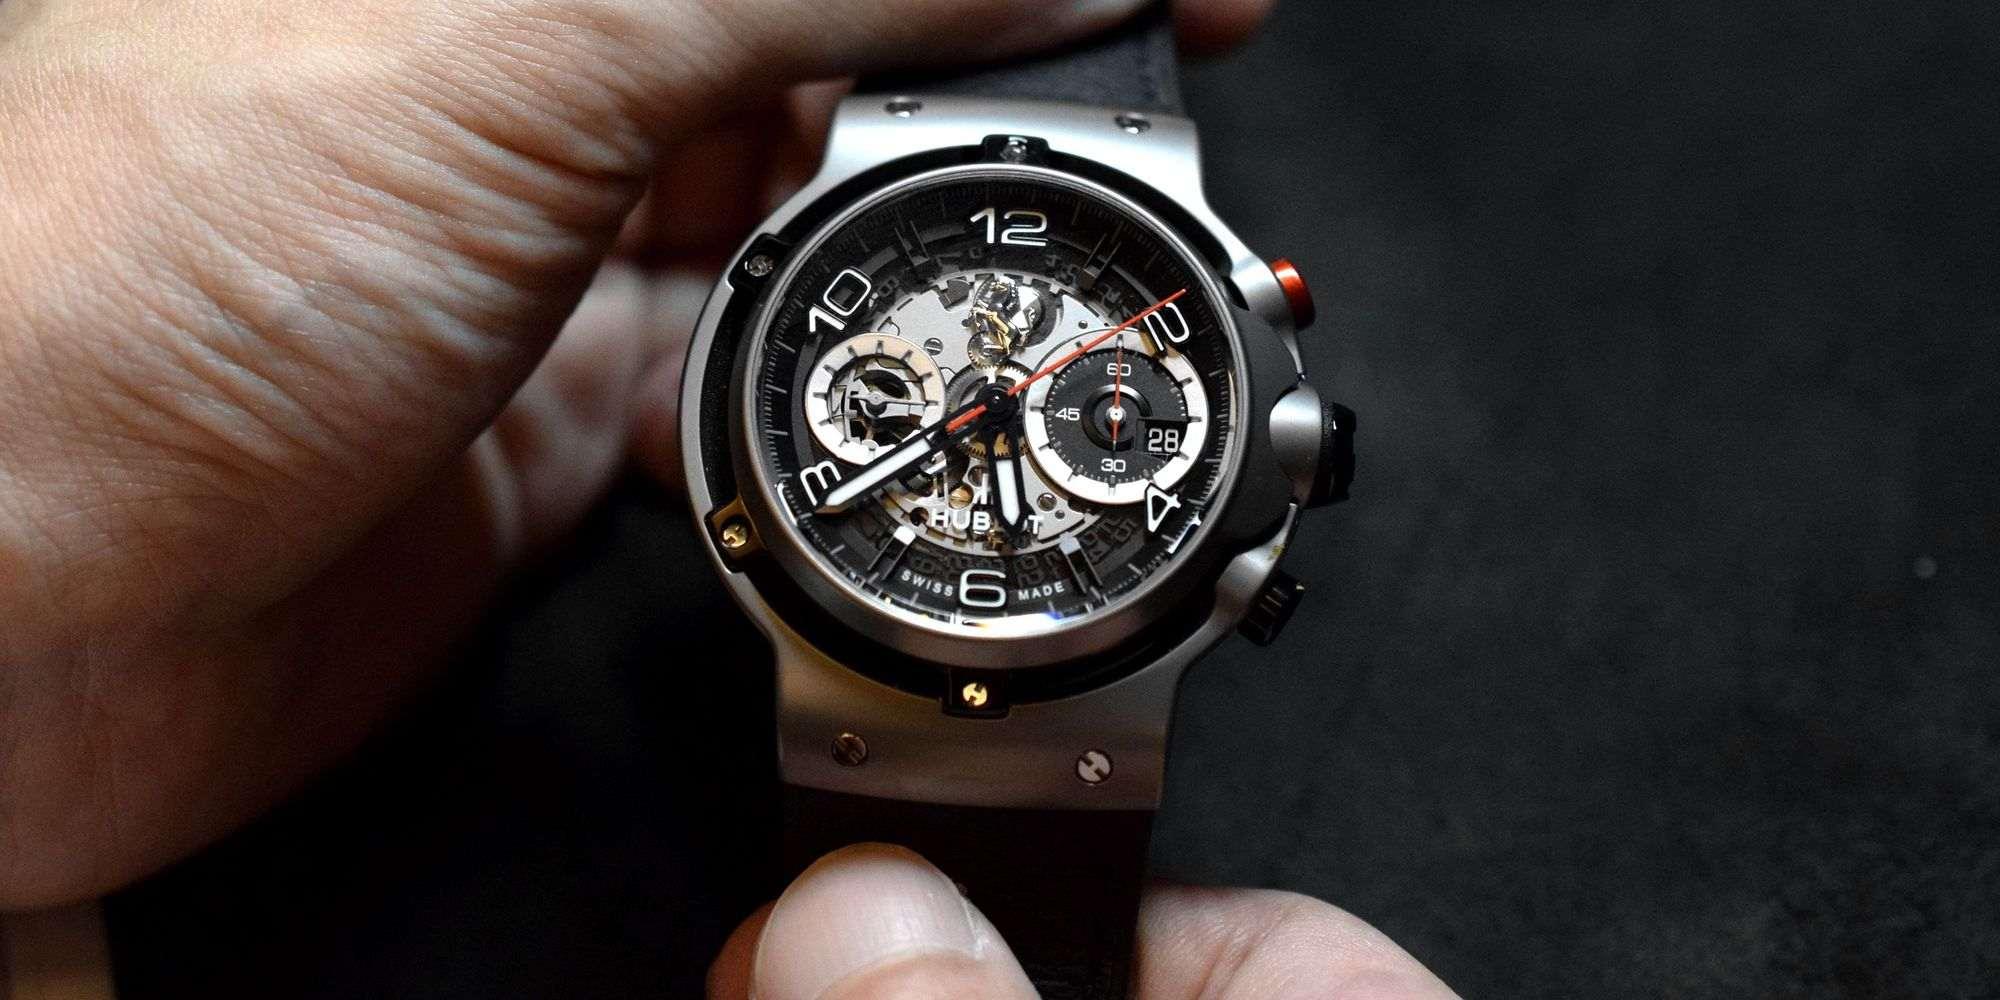 【每週一錶】聯名典範!Hublot X 法拉利 Classic Fusion Ferrari GT腕錶